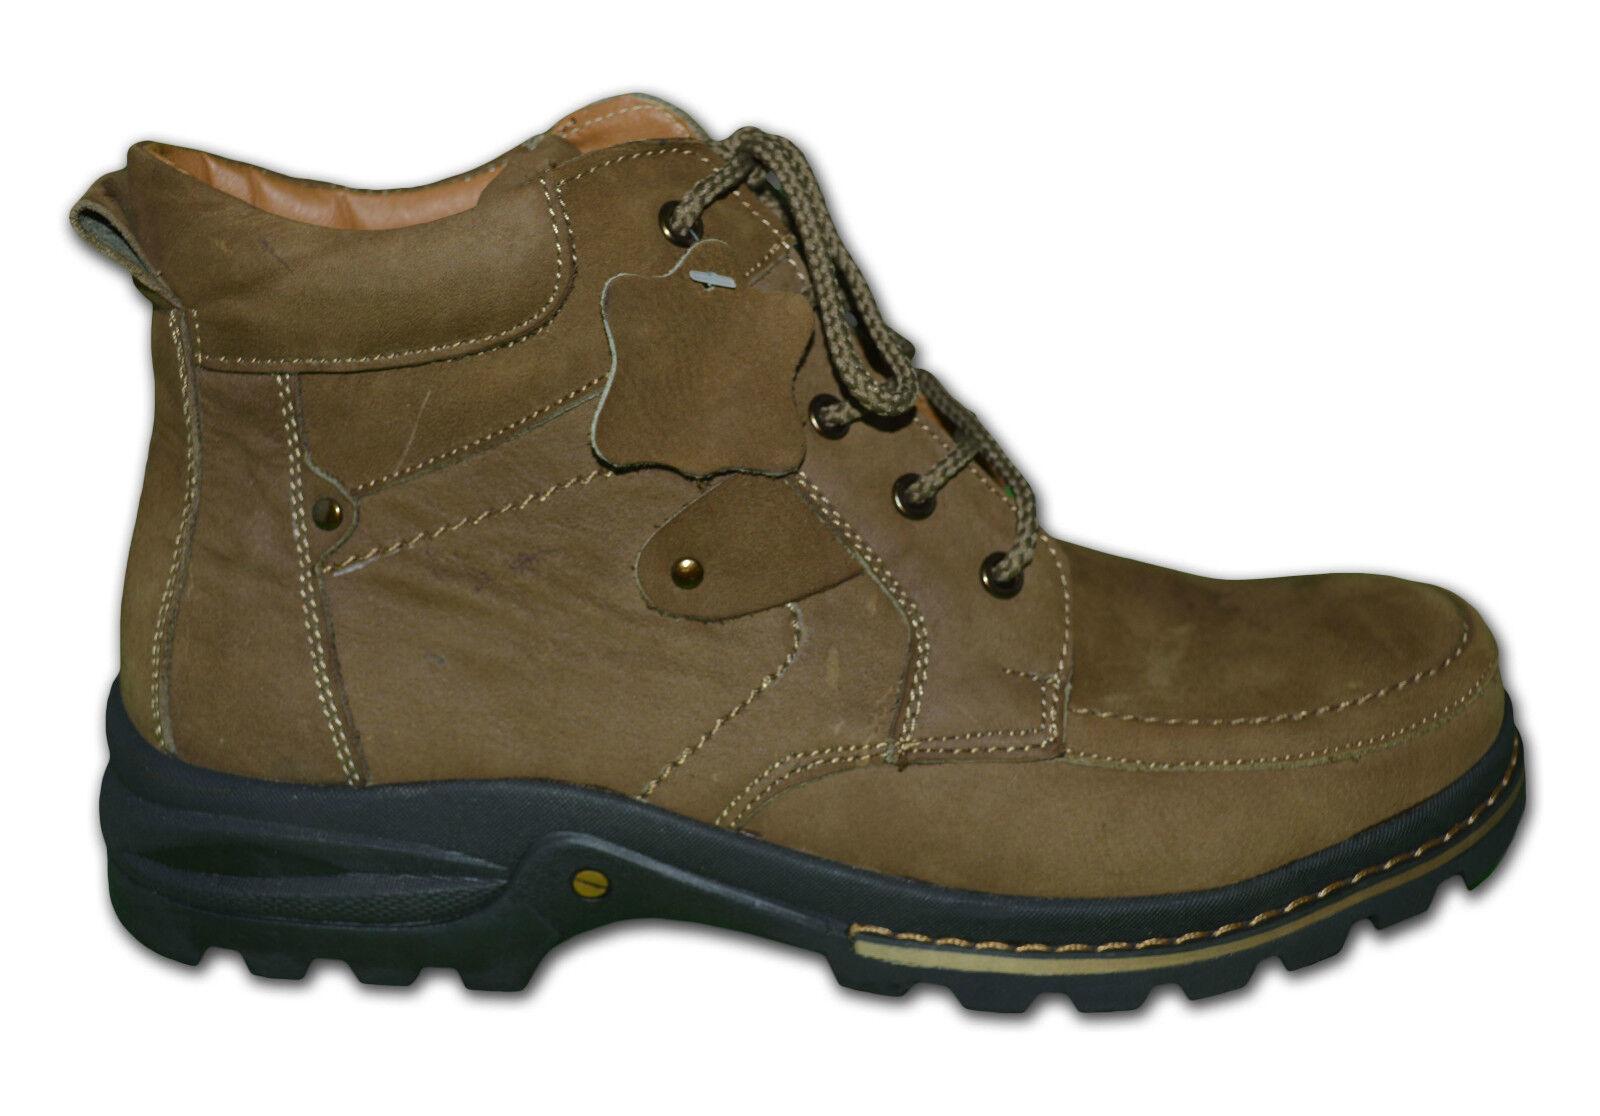 qualité couleur Hommes Bottes cuir, couleur qualité marron & PLAGE , taille au R-U 11 46281a